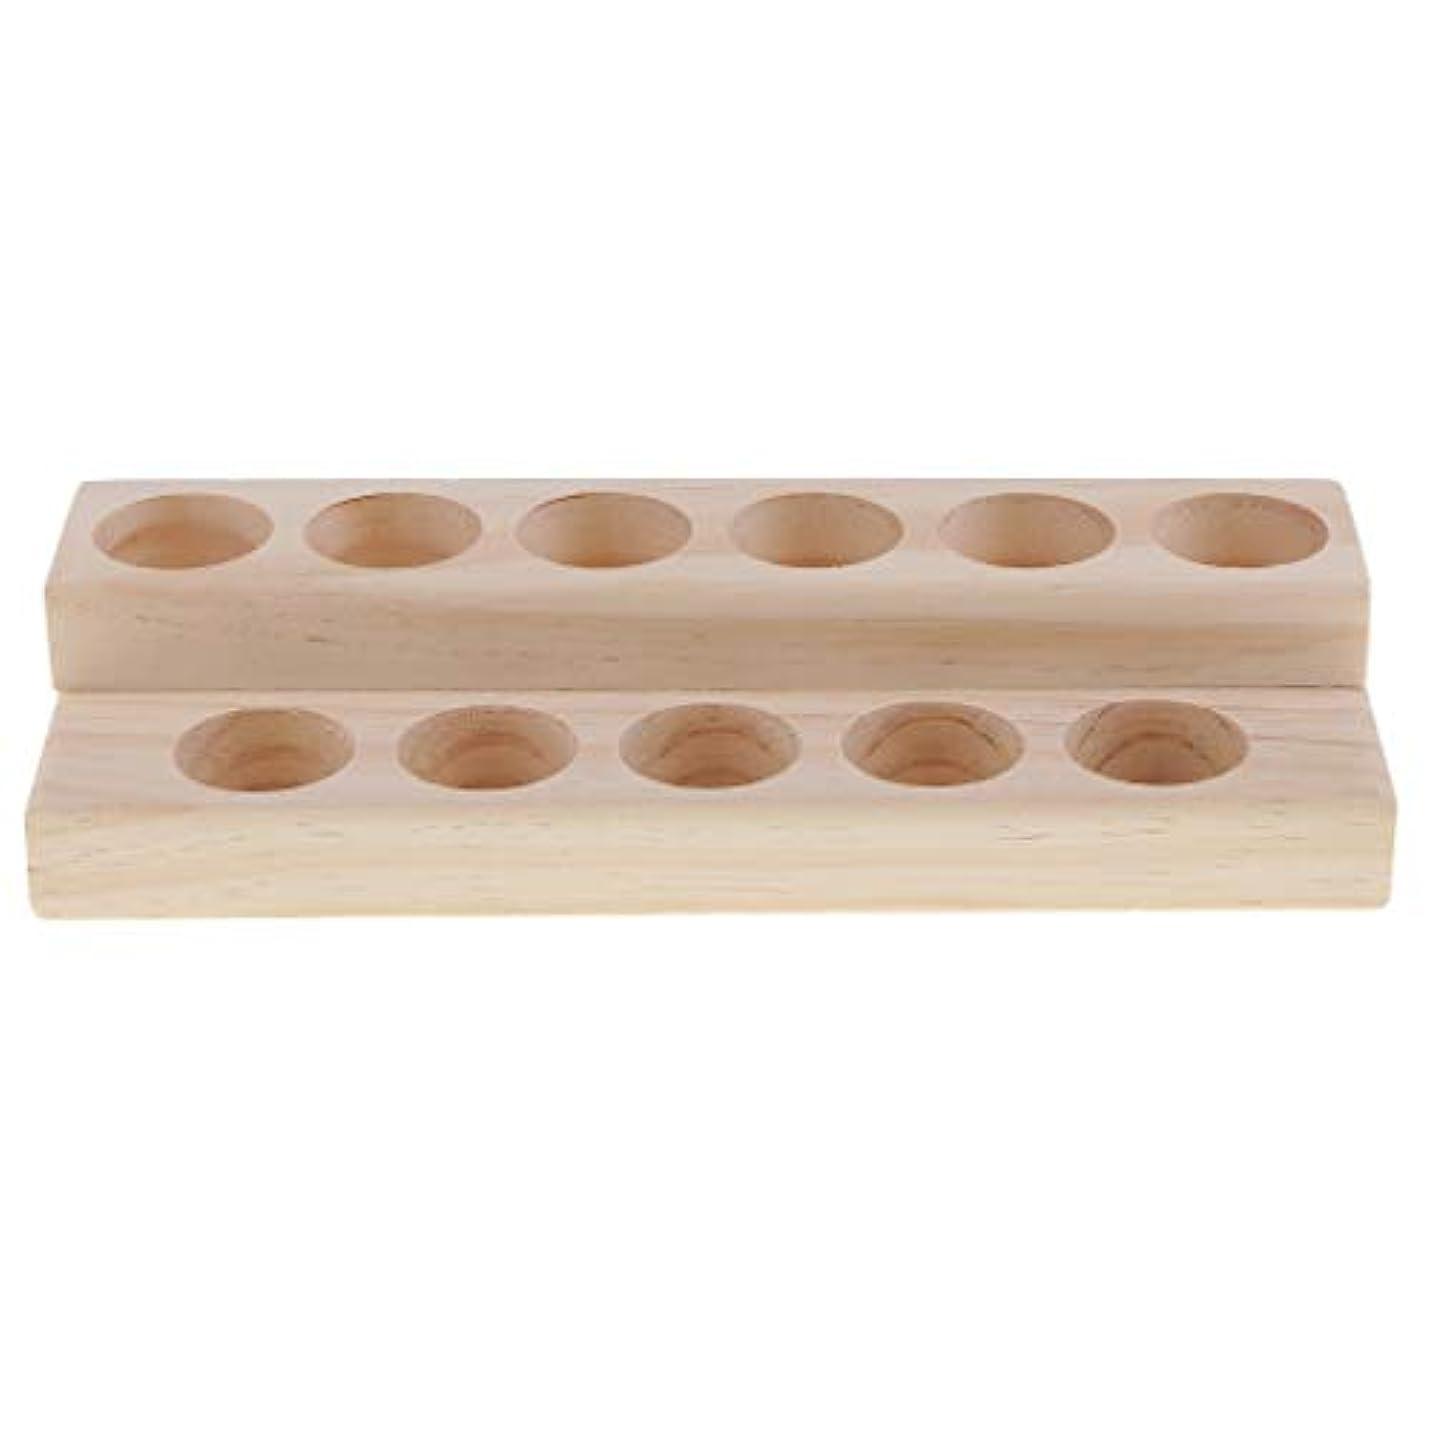 抽選に向けて出発戻すD DOLITY 木製 エッセンシャルオイル 展示ラック 精油 オルガナイザー 陳列台 アクセサリー 2層